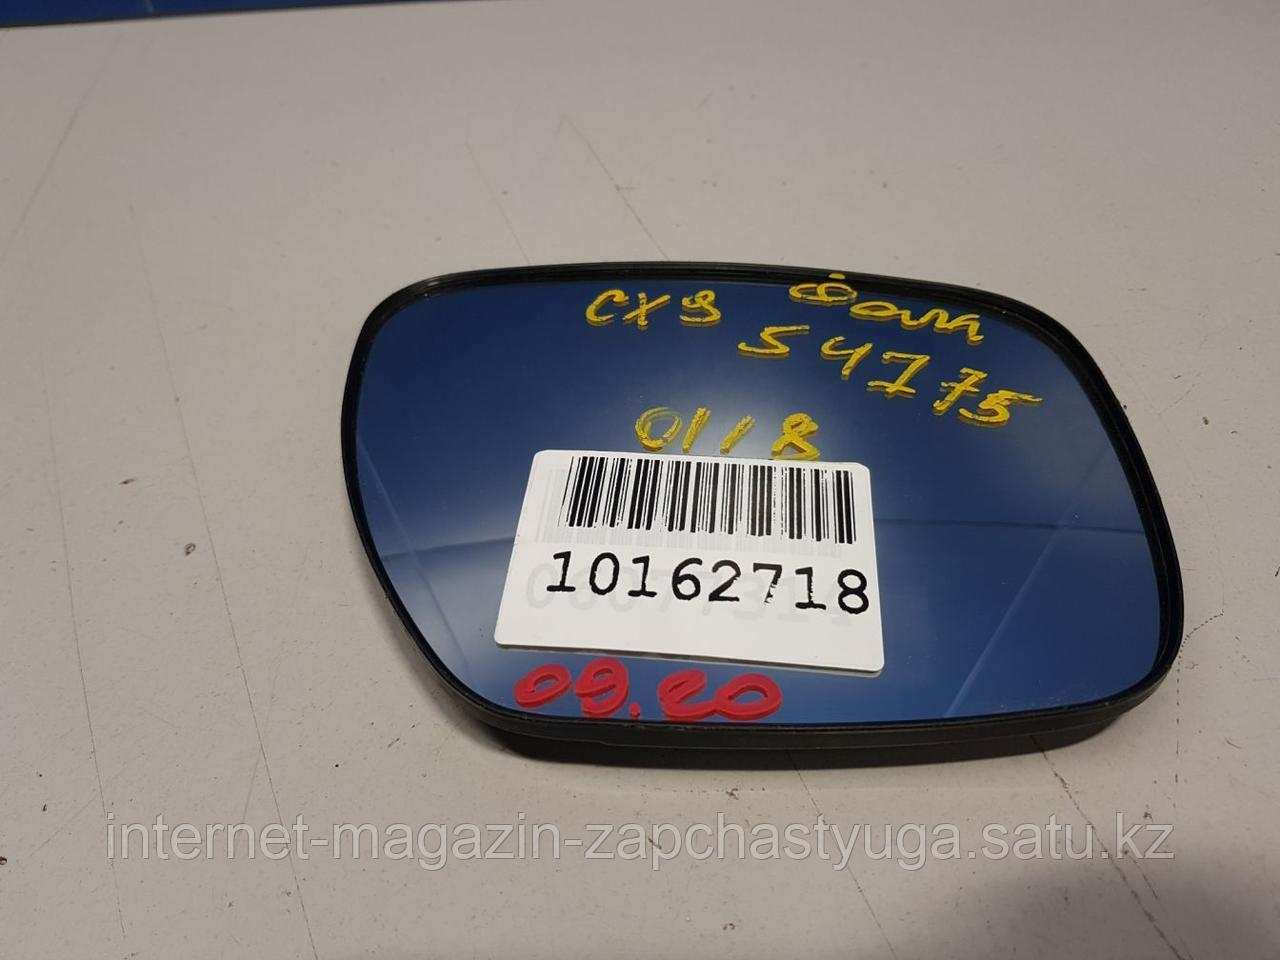 CC43691G1 Зеркальный элемент правый для Mazda CX-7 2007-2012 Б/У - фото 1